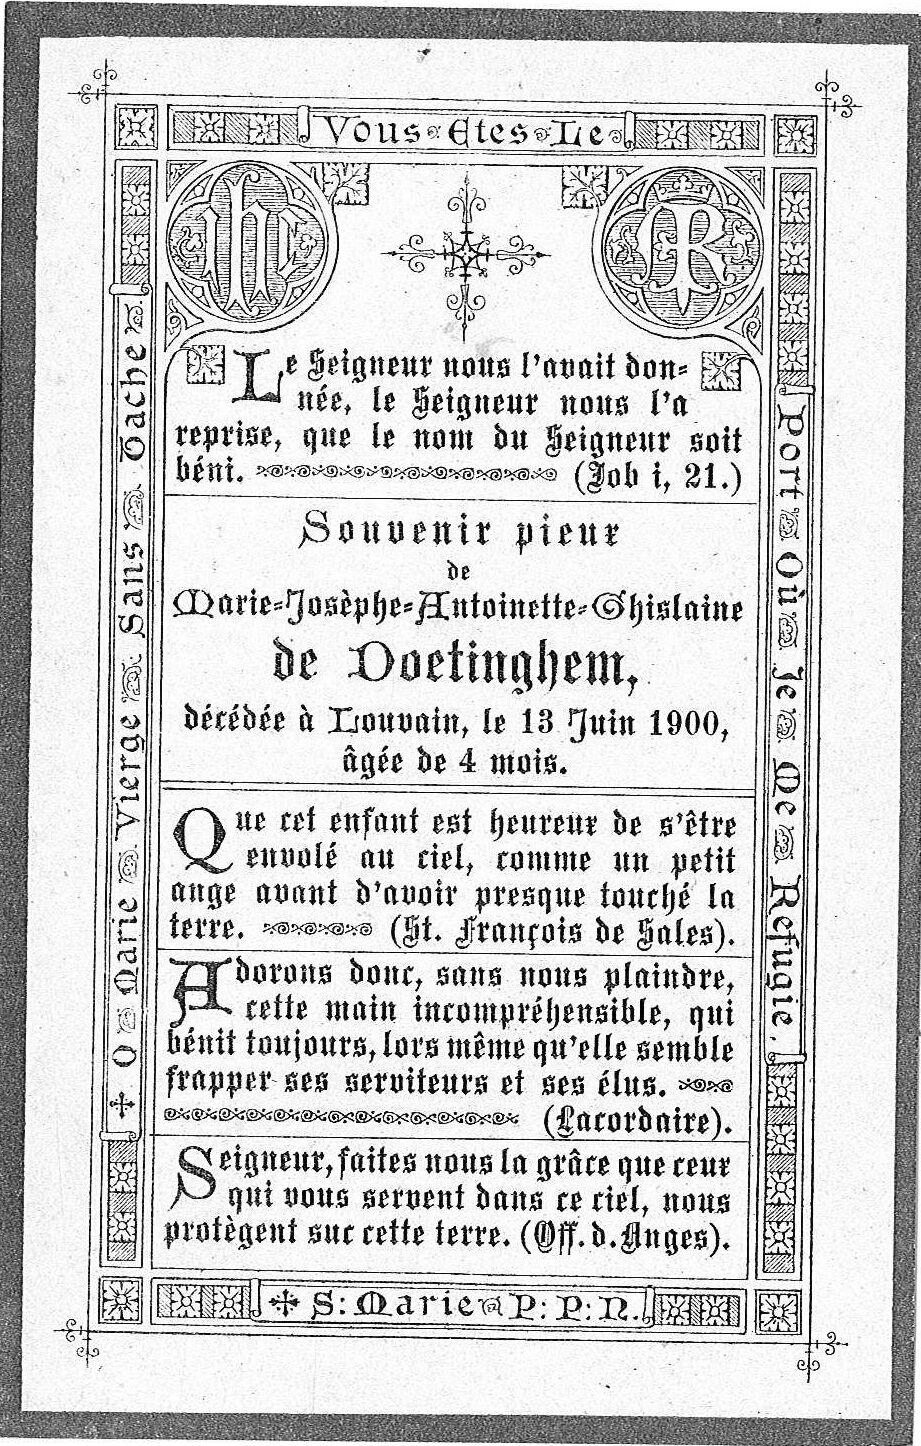 Marie-Josèphe-Antoinette-Ghislaine-(1900)-20120817110443_00034.jpg